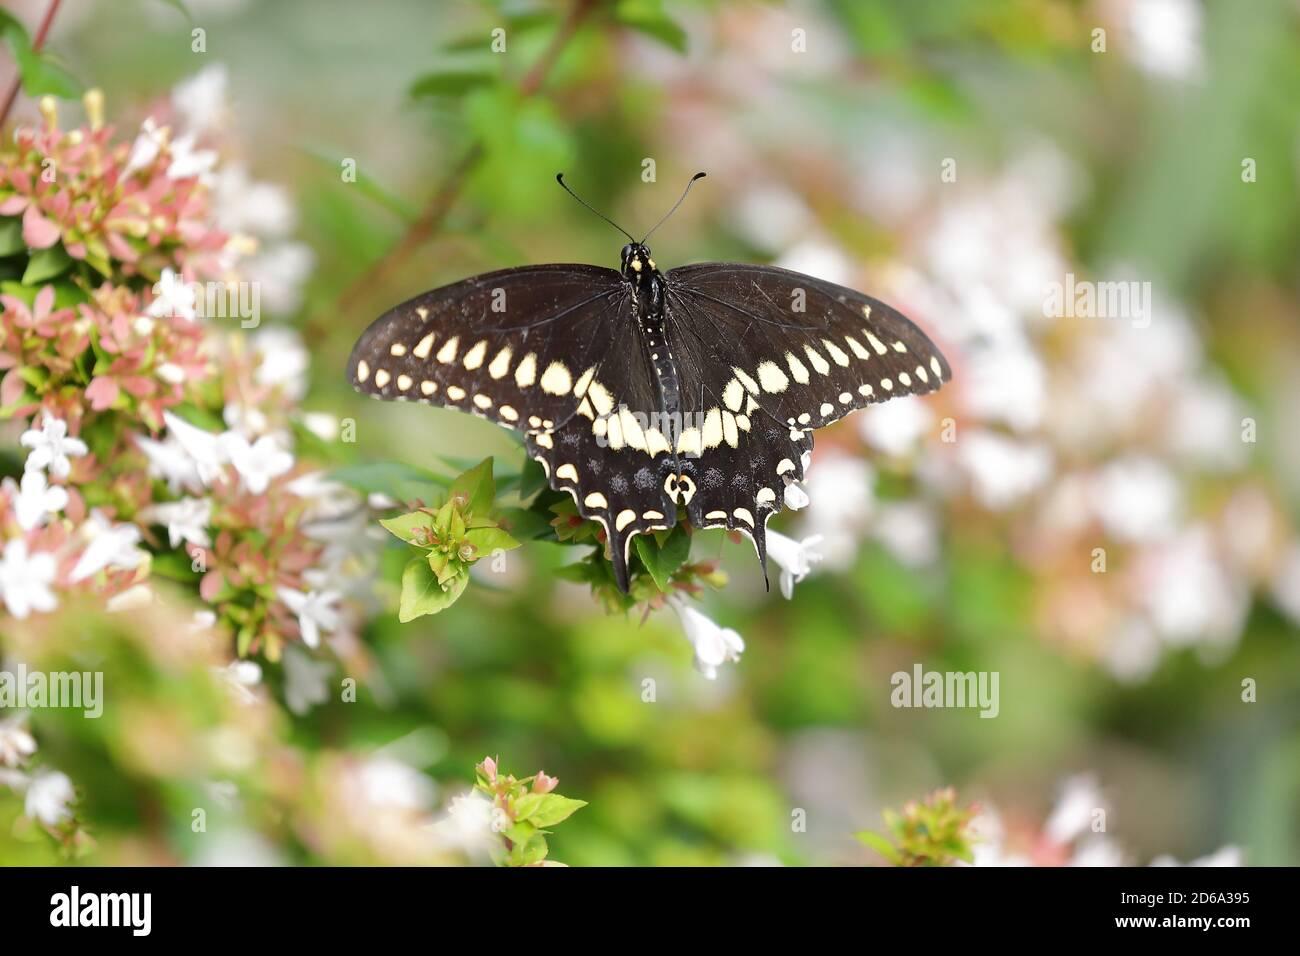 Vista superior de mariposa negra de cola de cisne (Papilio polyxene) Chupar néctar durante el verano en una flor del Norte América Foto de stock